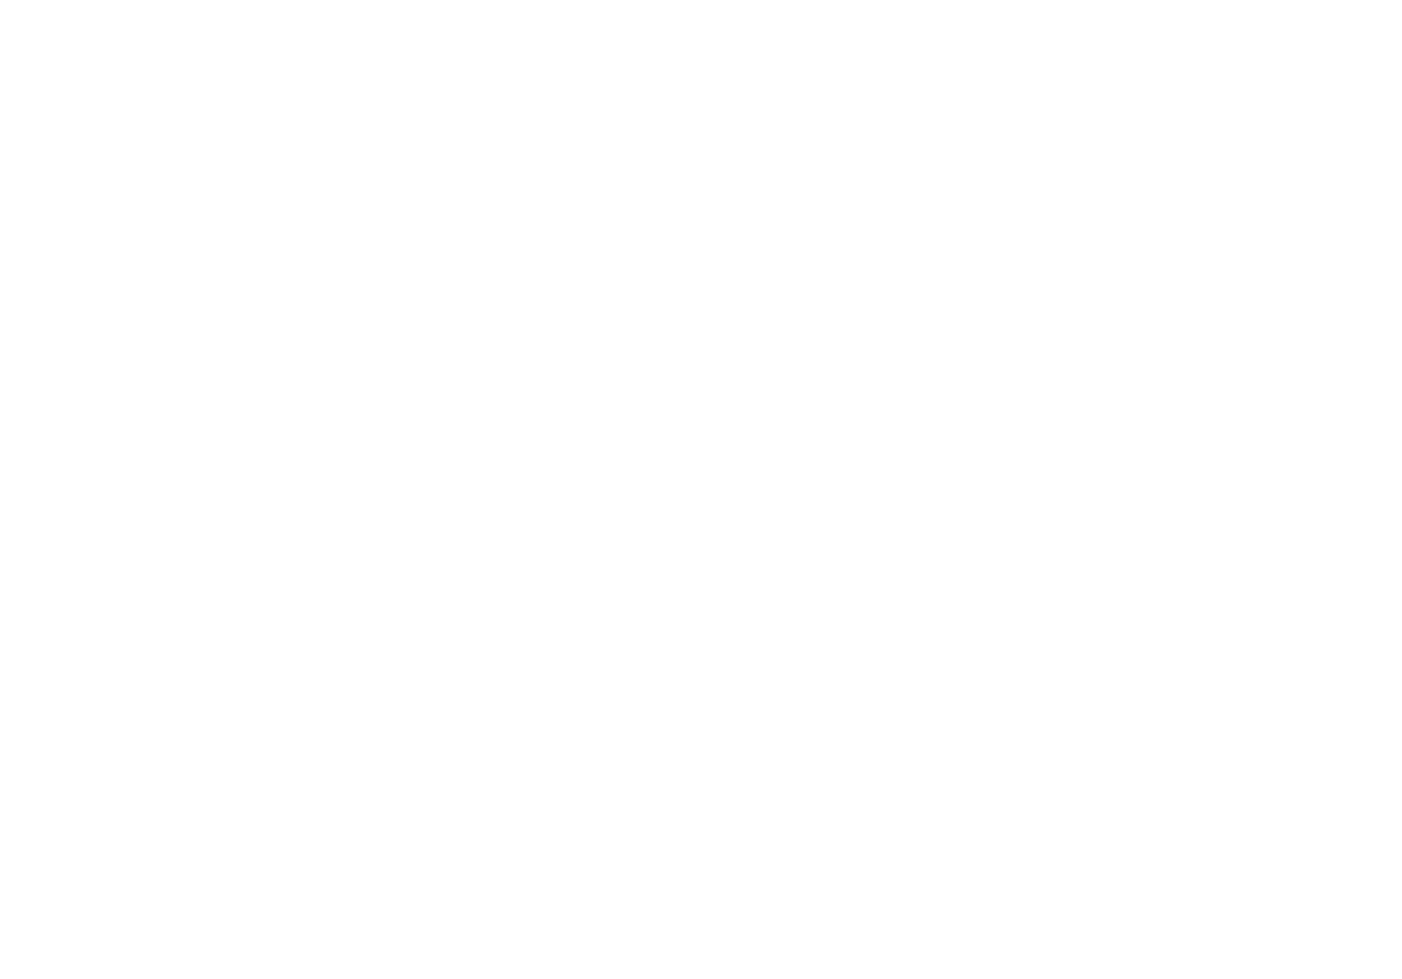 Blaze_Wht_Site.png